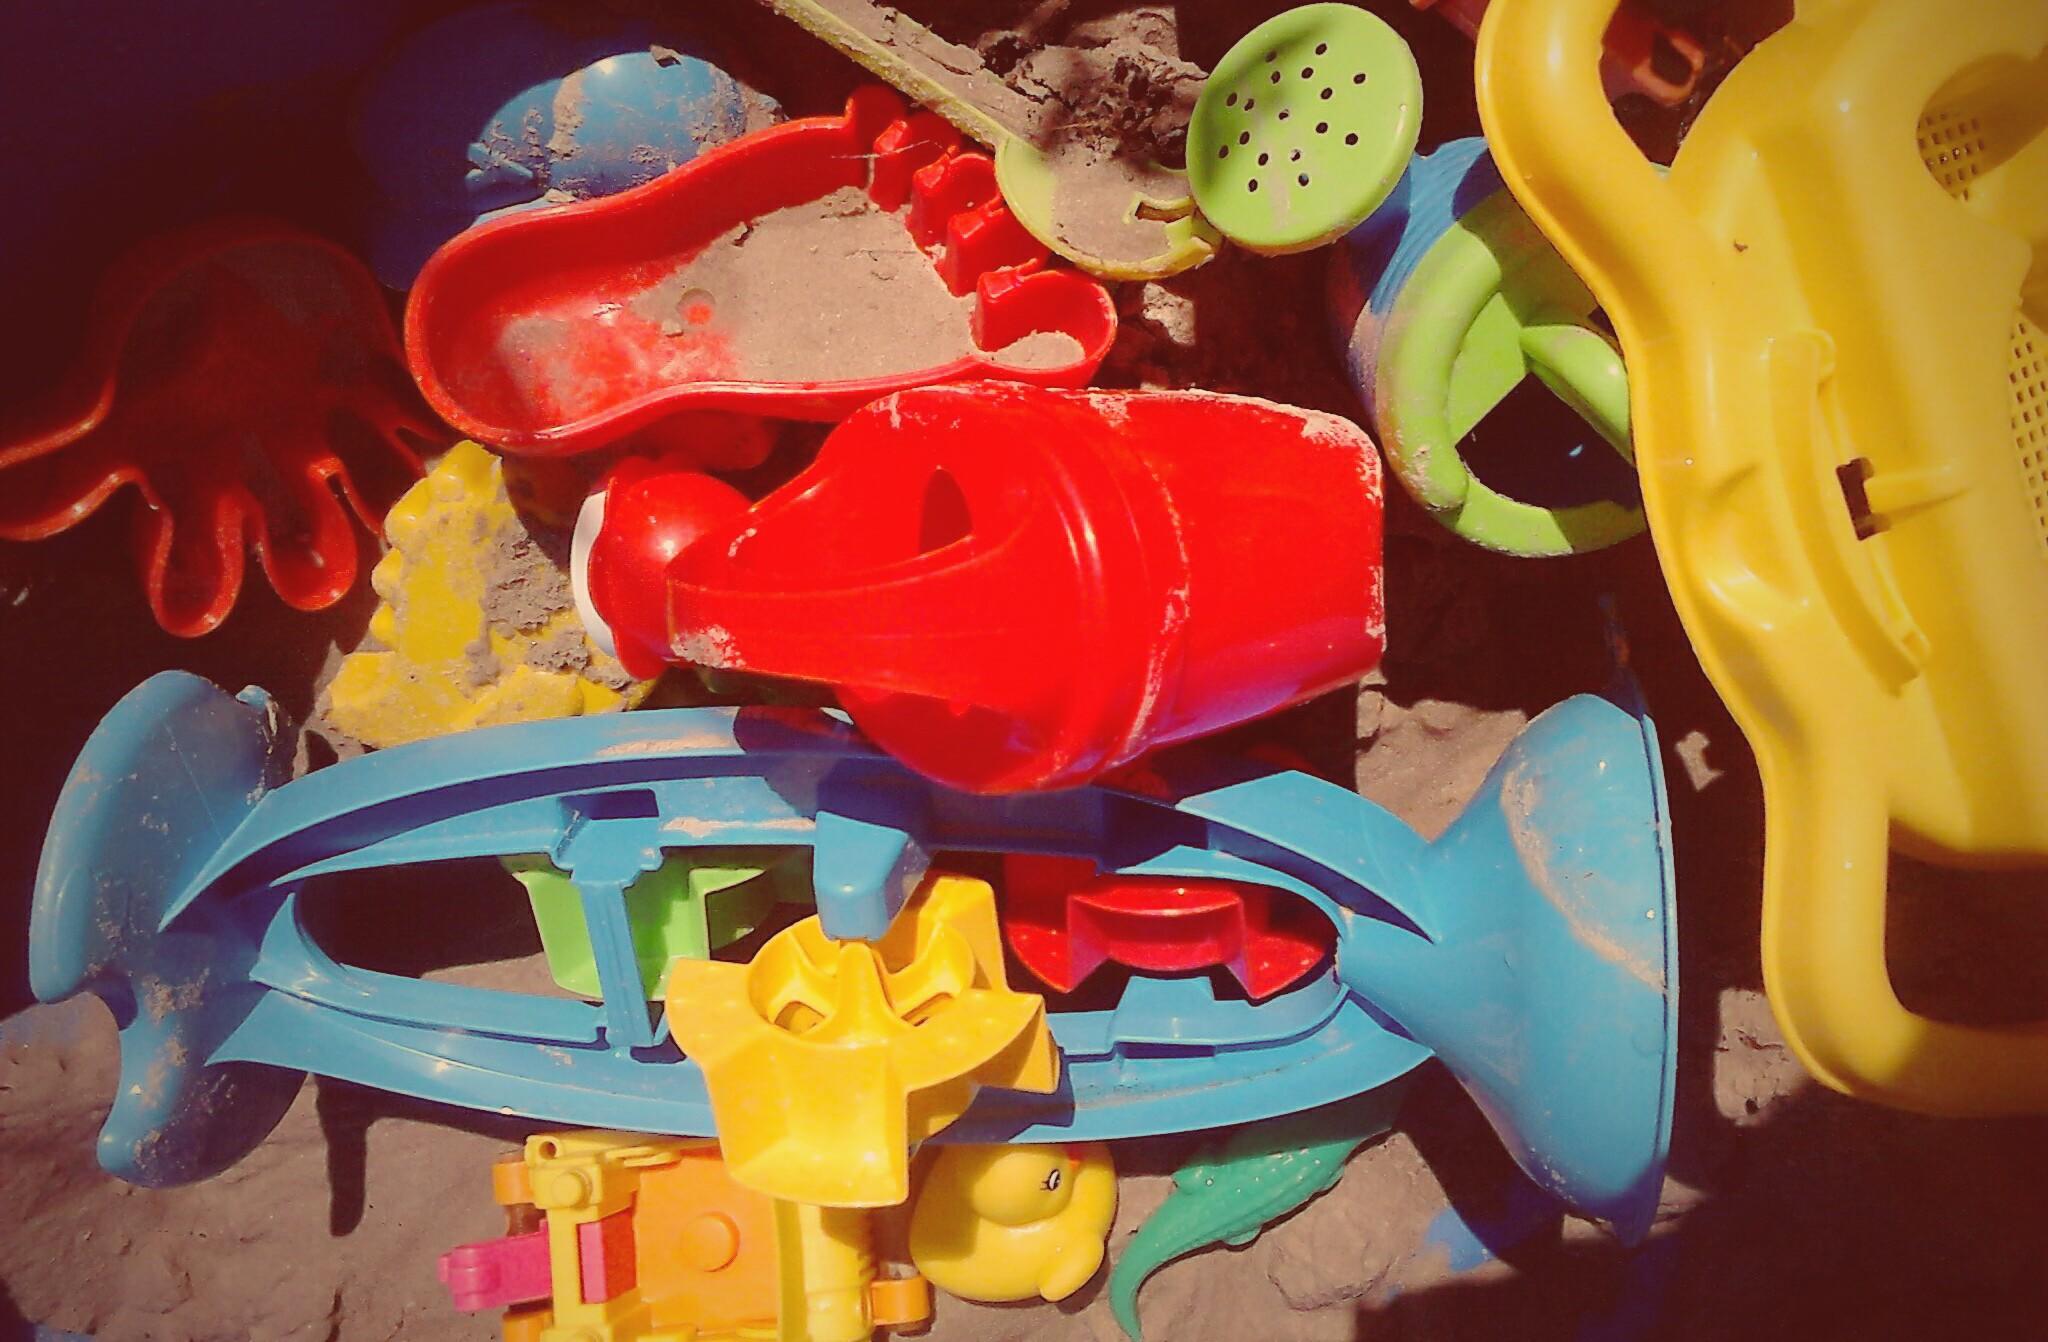 Spielsachen von Mutterkindraum-Büttgen e.V.